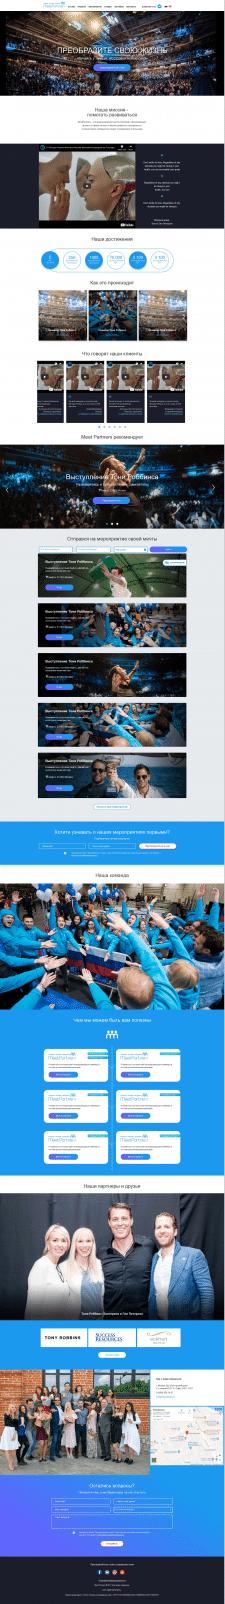 Создание сайта с програмой событий